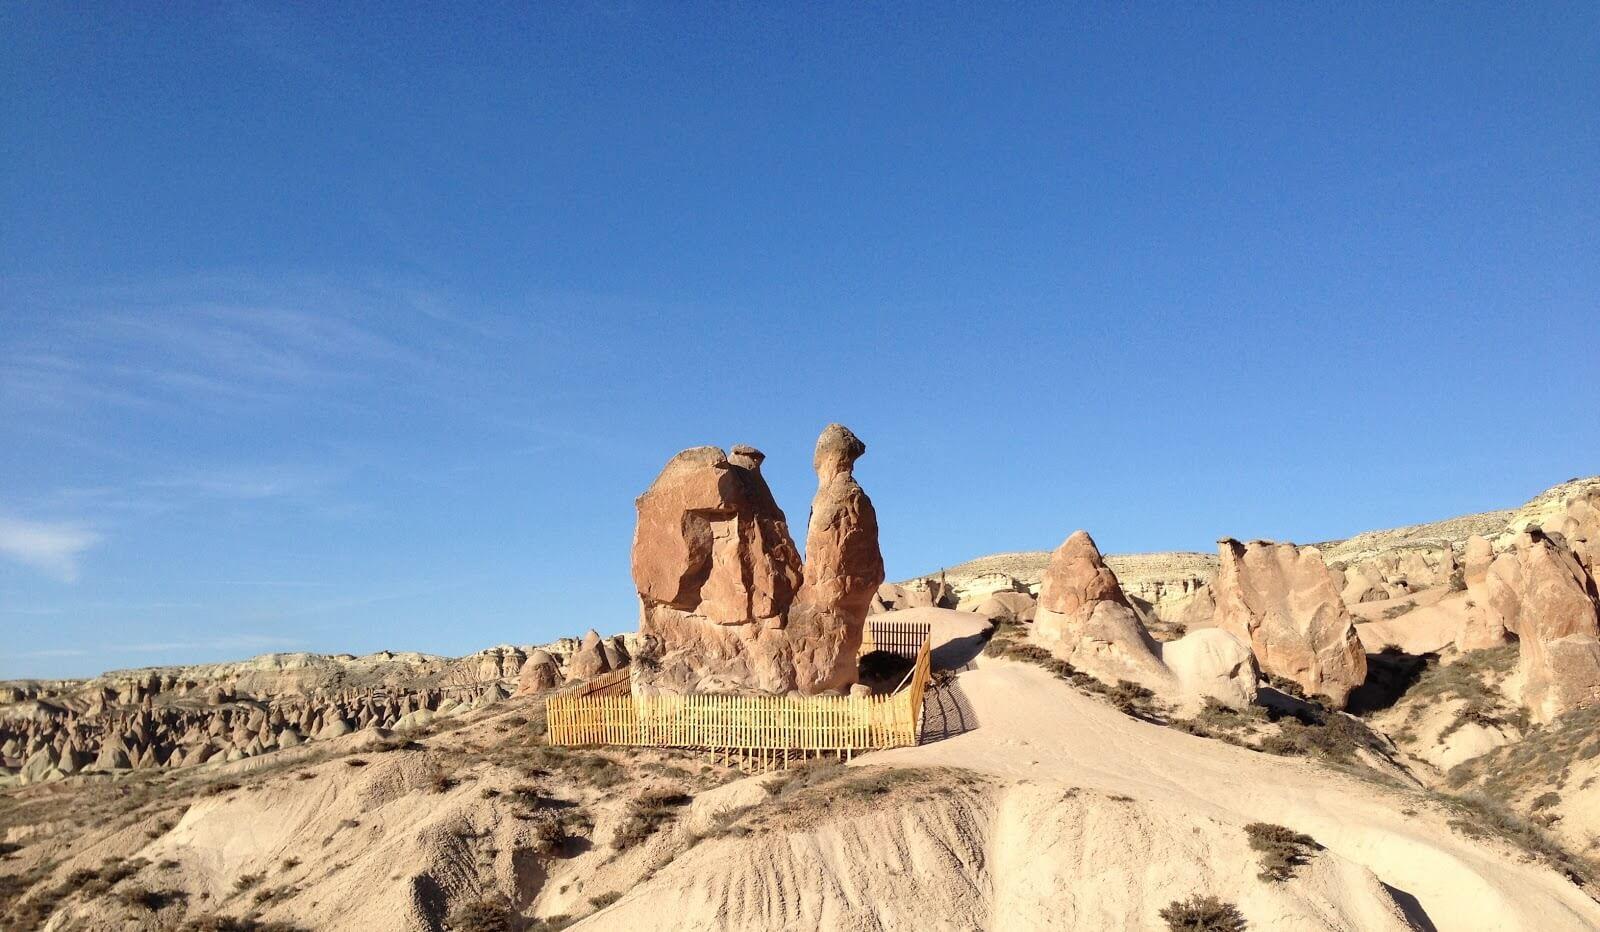 Camel Rock in Devrent Valley / Cappadocia